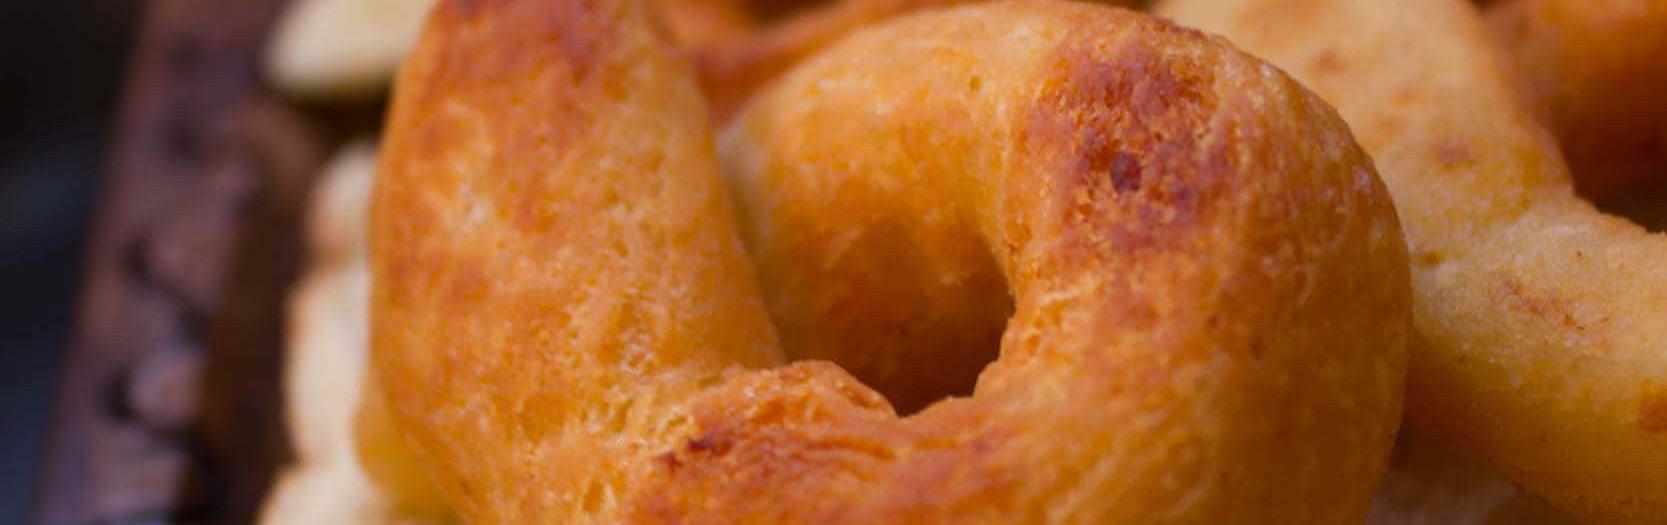 Anelli di patata e pecorino: i Gathulis